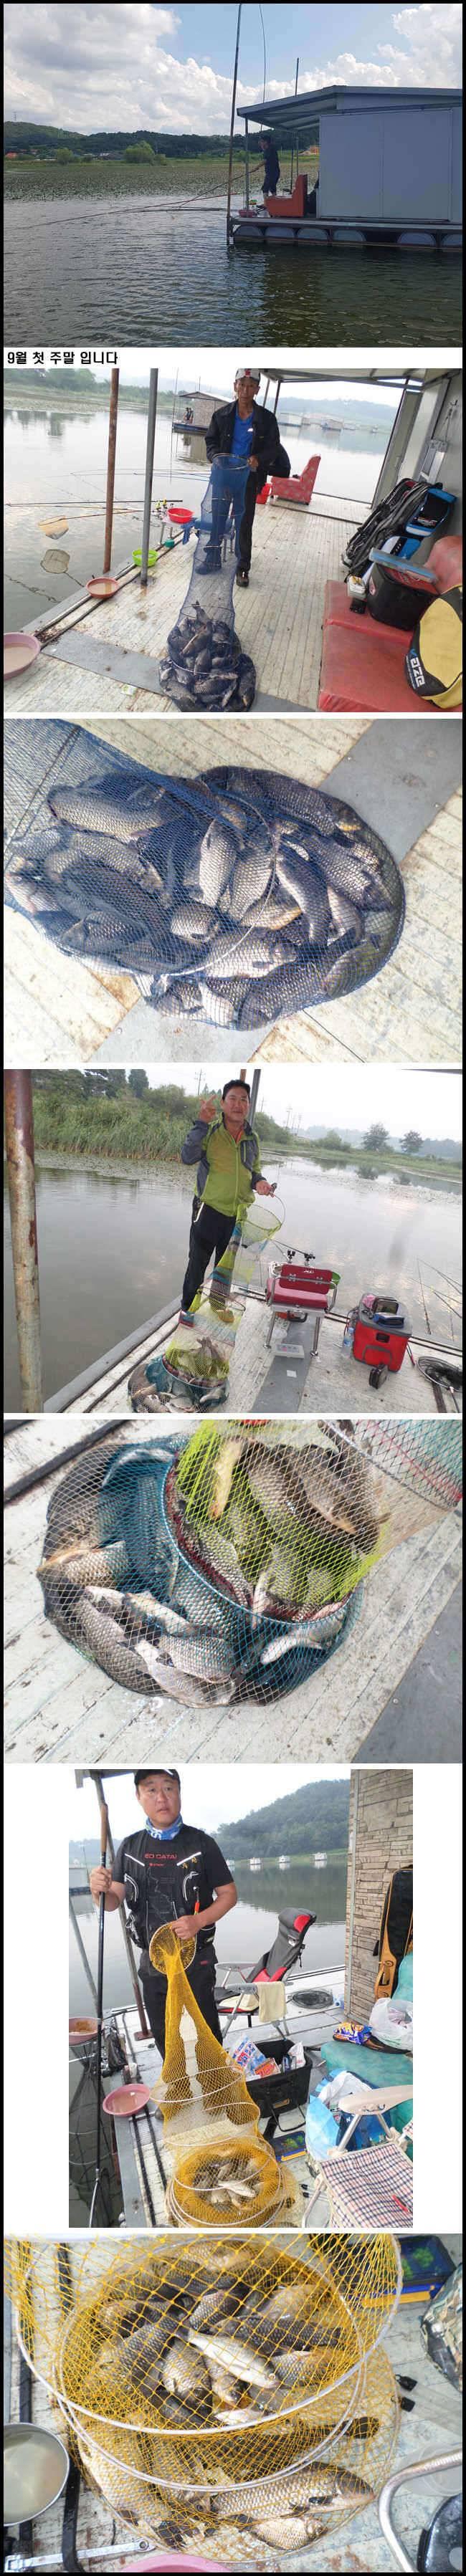 fish_pay_09325067.jpg